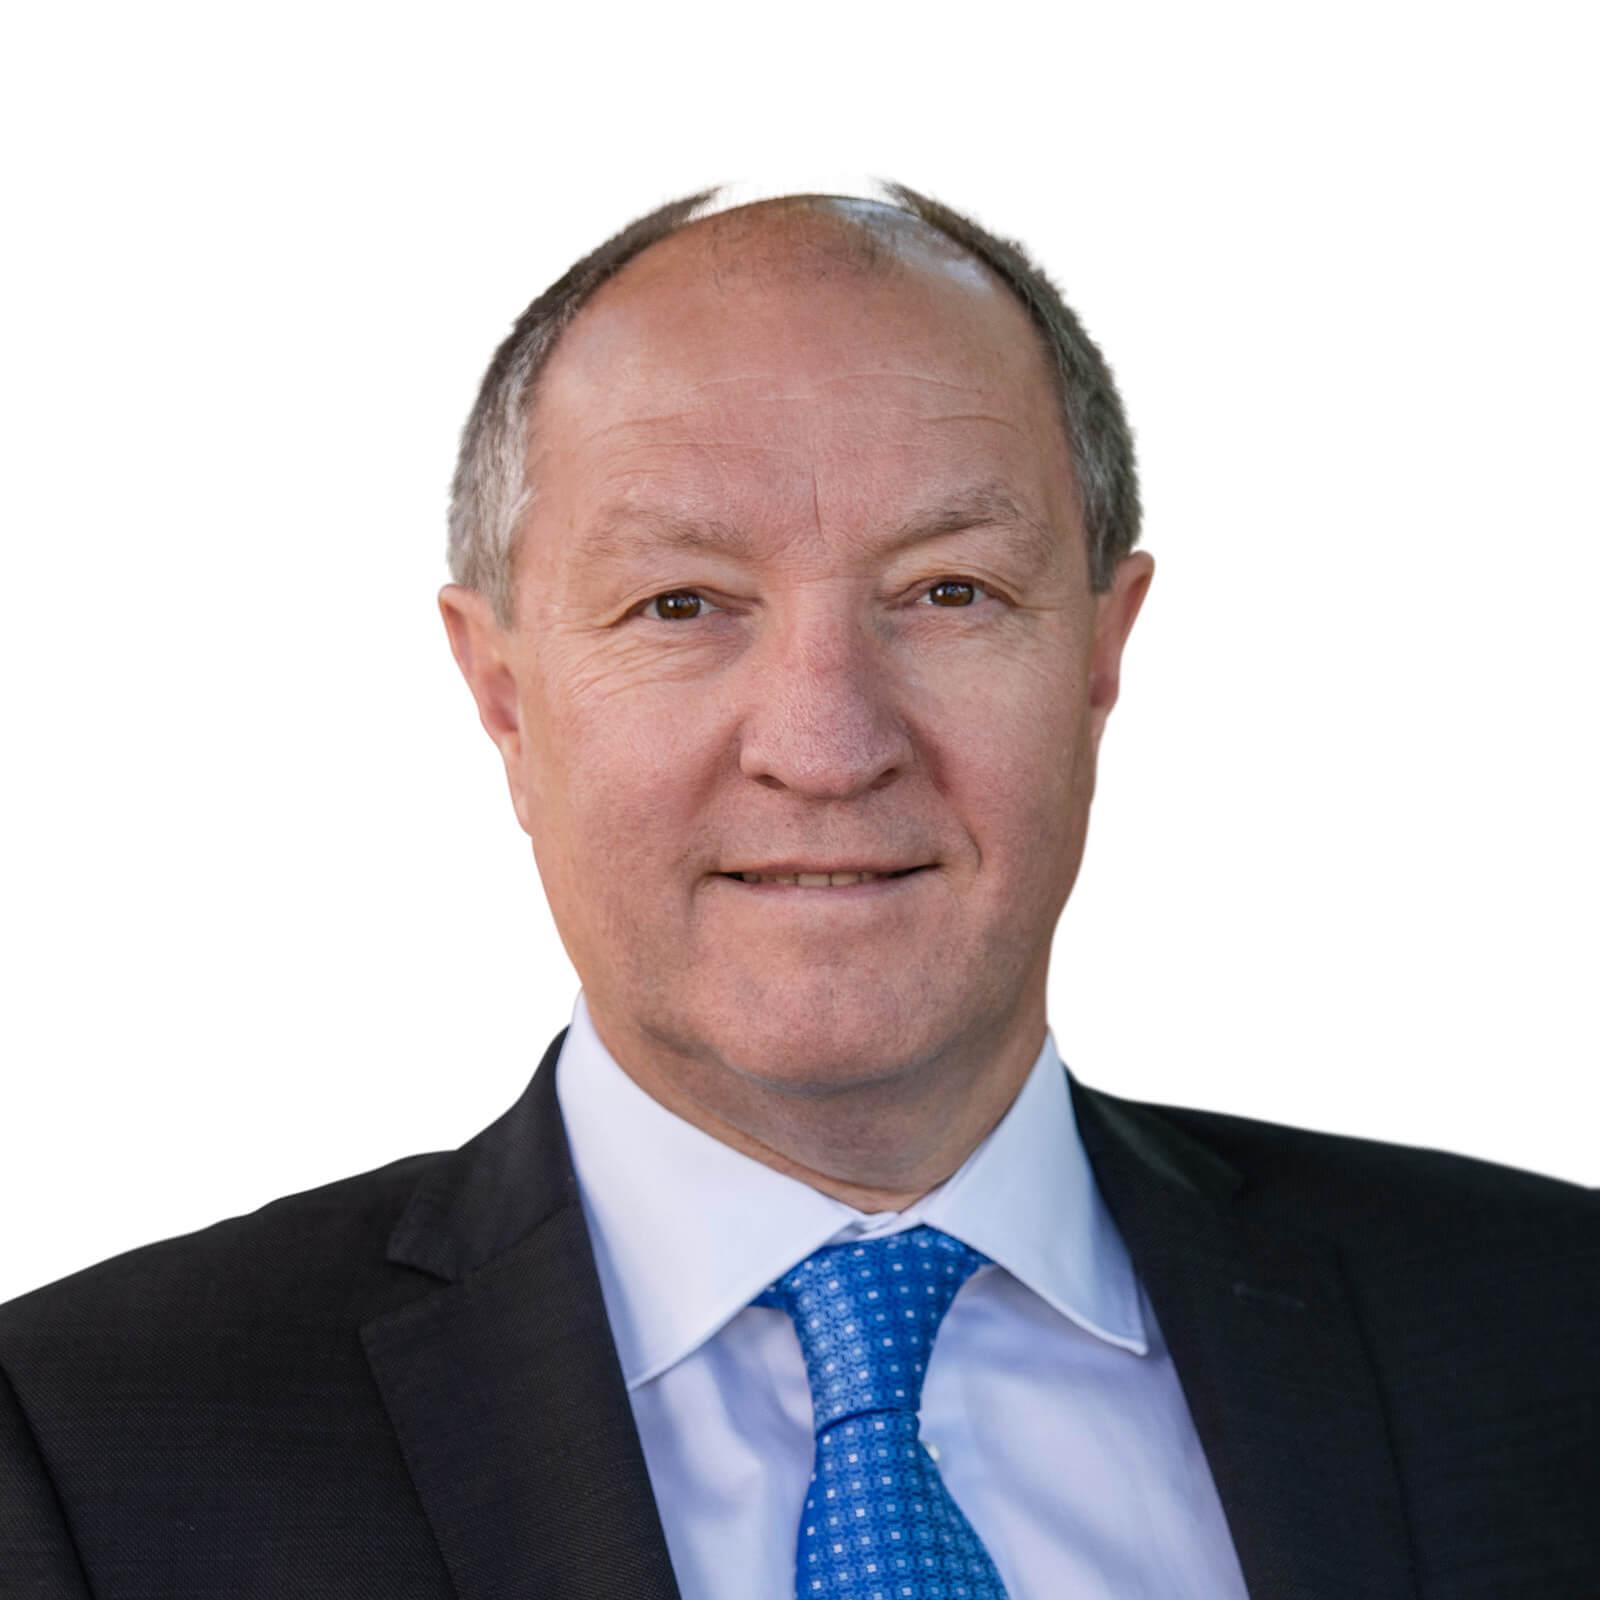 Bild: Christoph Rotermund, Delegierter des Verwaltungsrates der nexMart Schweiz AG